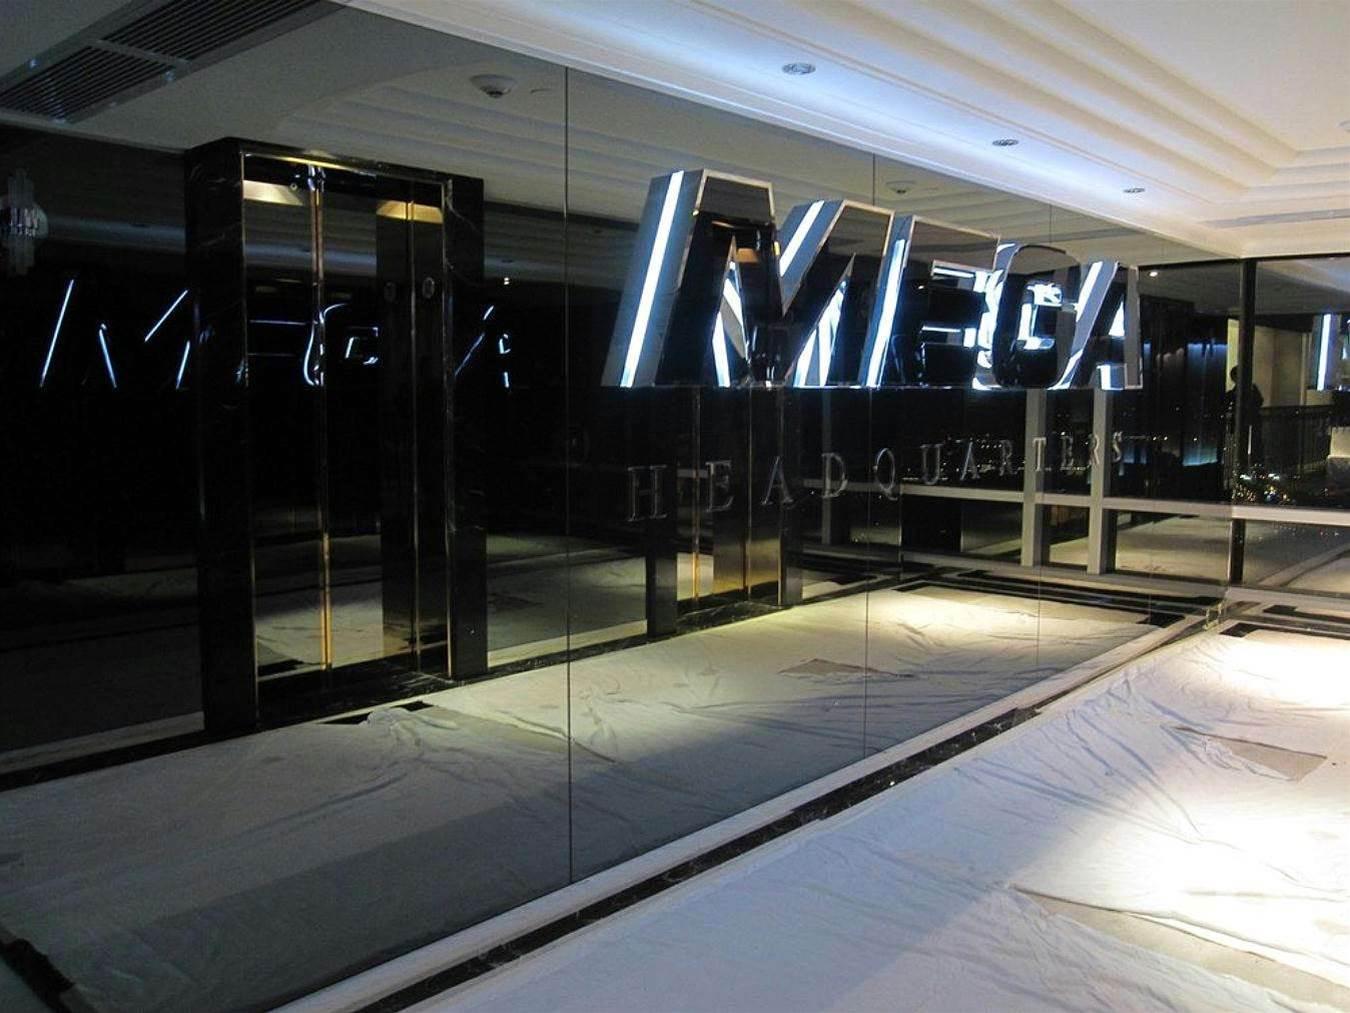 Megaupload takedown sparks wave of hacktivist attacks